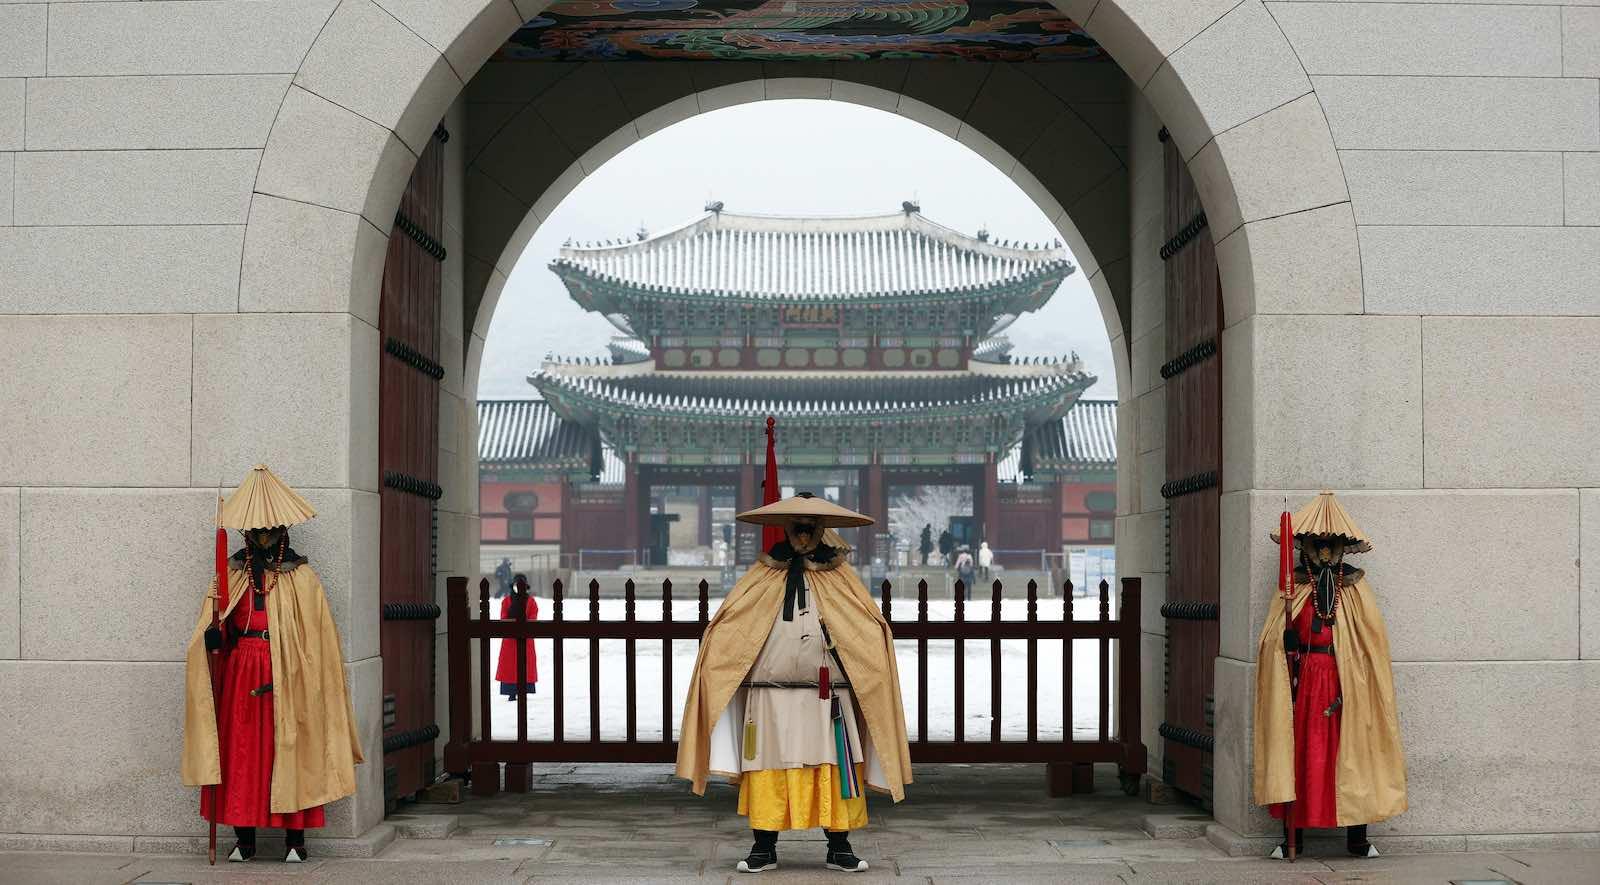 Gyeongbokgung Palace, Jongno-gu, Seoul (Republic of KoreaKoreanet/Flickr)